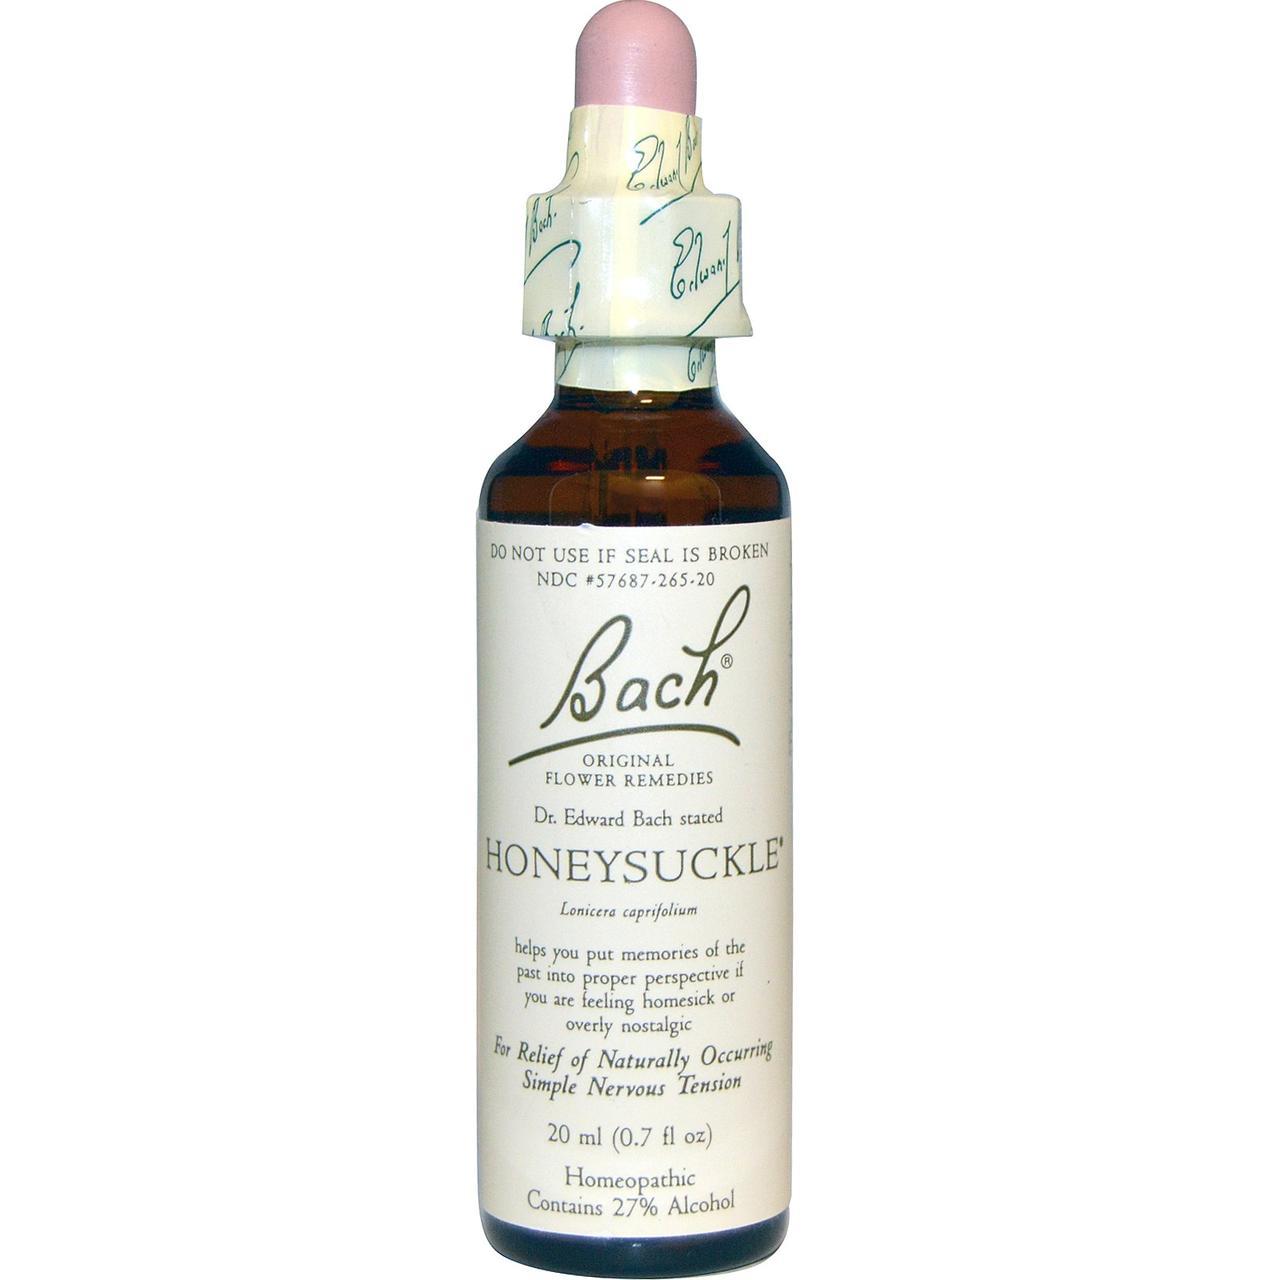 Bach, Оригинальные цветочные лекарства, жимолость, 0,7 жидкой унции (20 мл)